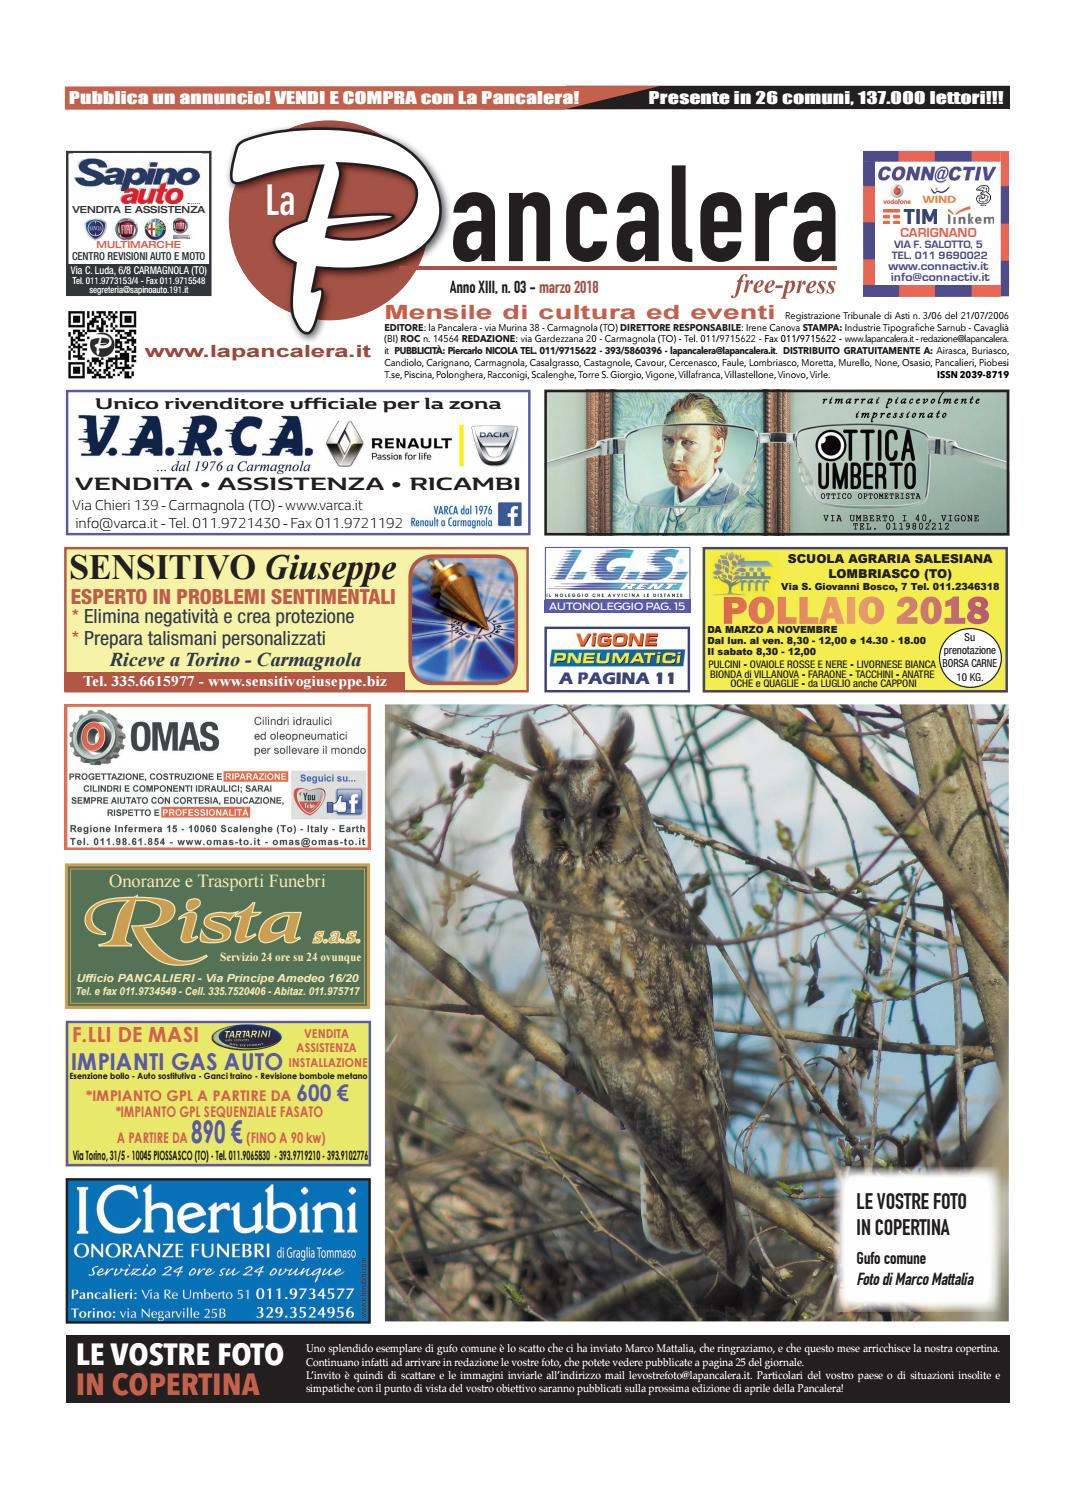 La pancalera marzo 2018 by la Pancalera - issuu 643f5027656